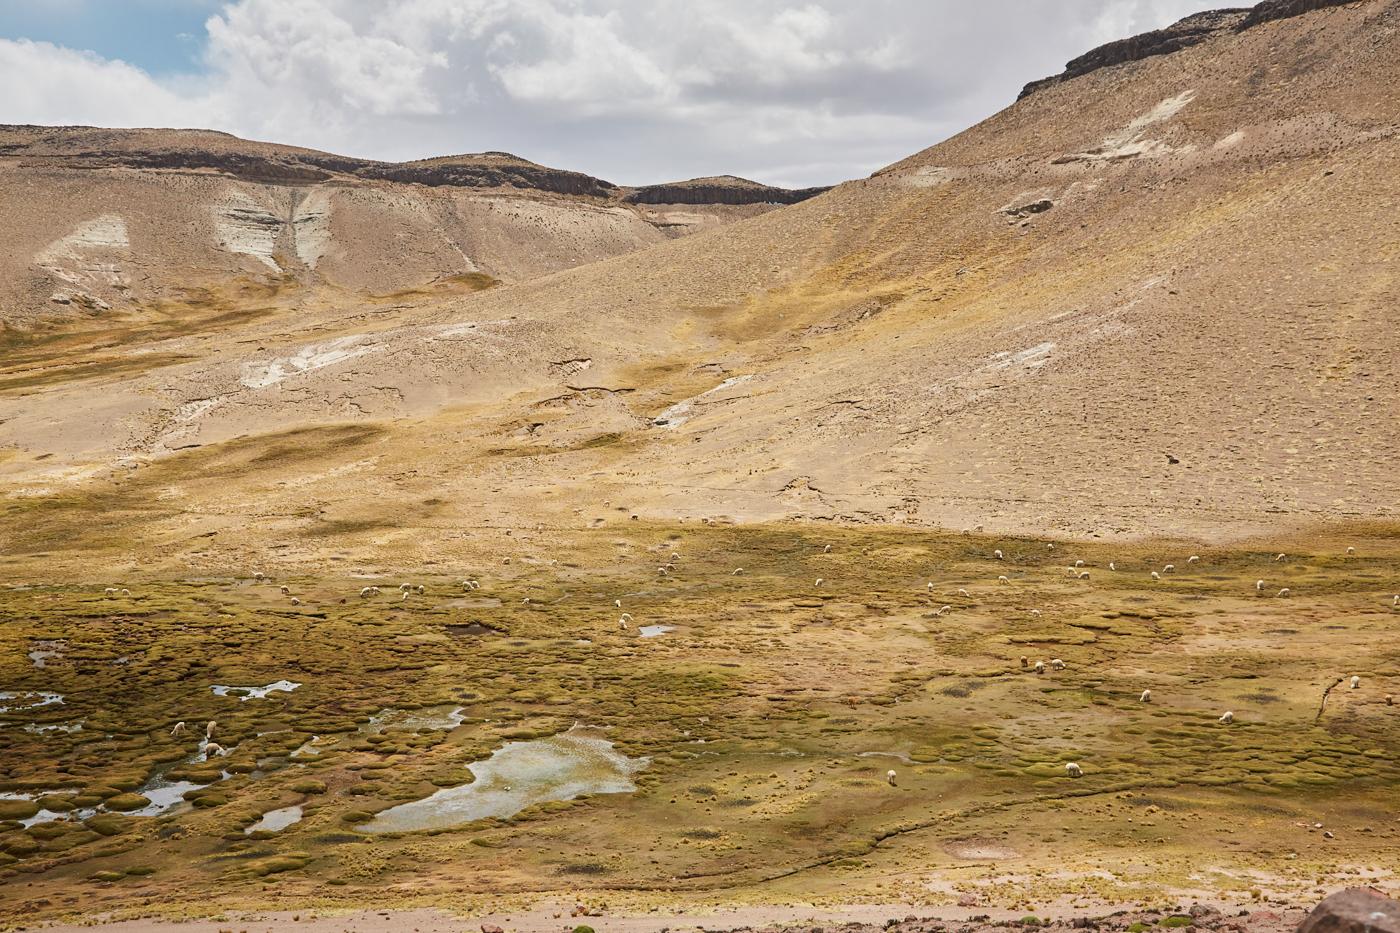 Sumpflandschaften in den Tälern der steinigen Berge im Nationalpark Salinas y Aguada Blanca in Peru